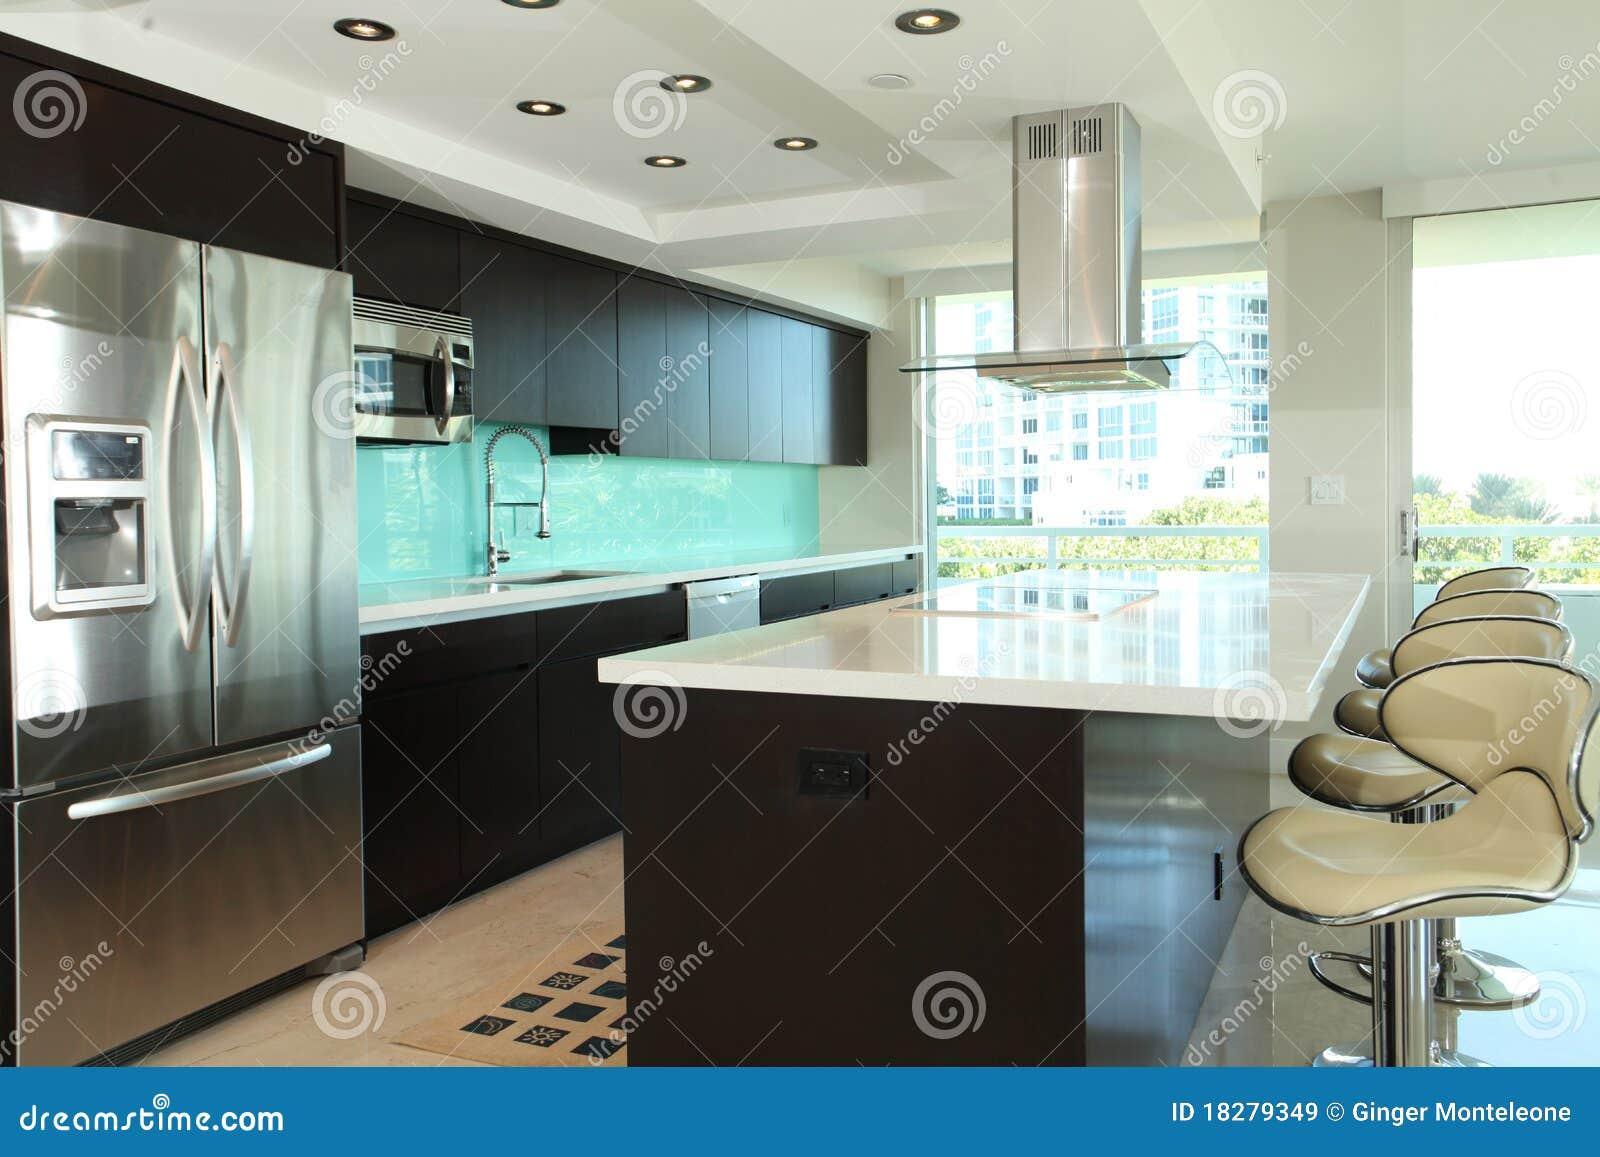 Moderne keuken royalty vrije stock afbeeldingen afbeelding 18279349 - Hoe dicht een open keuken ...